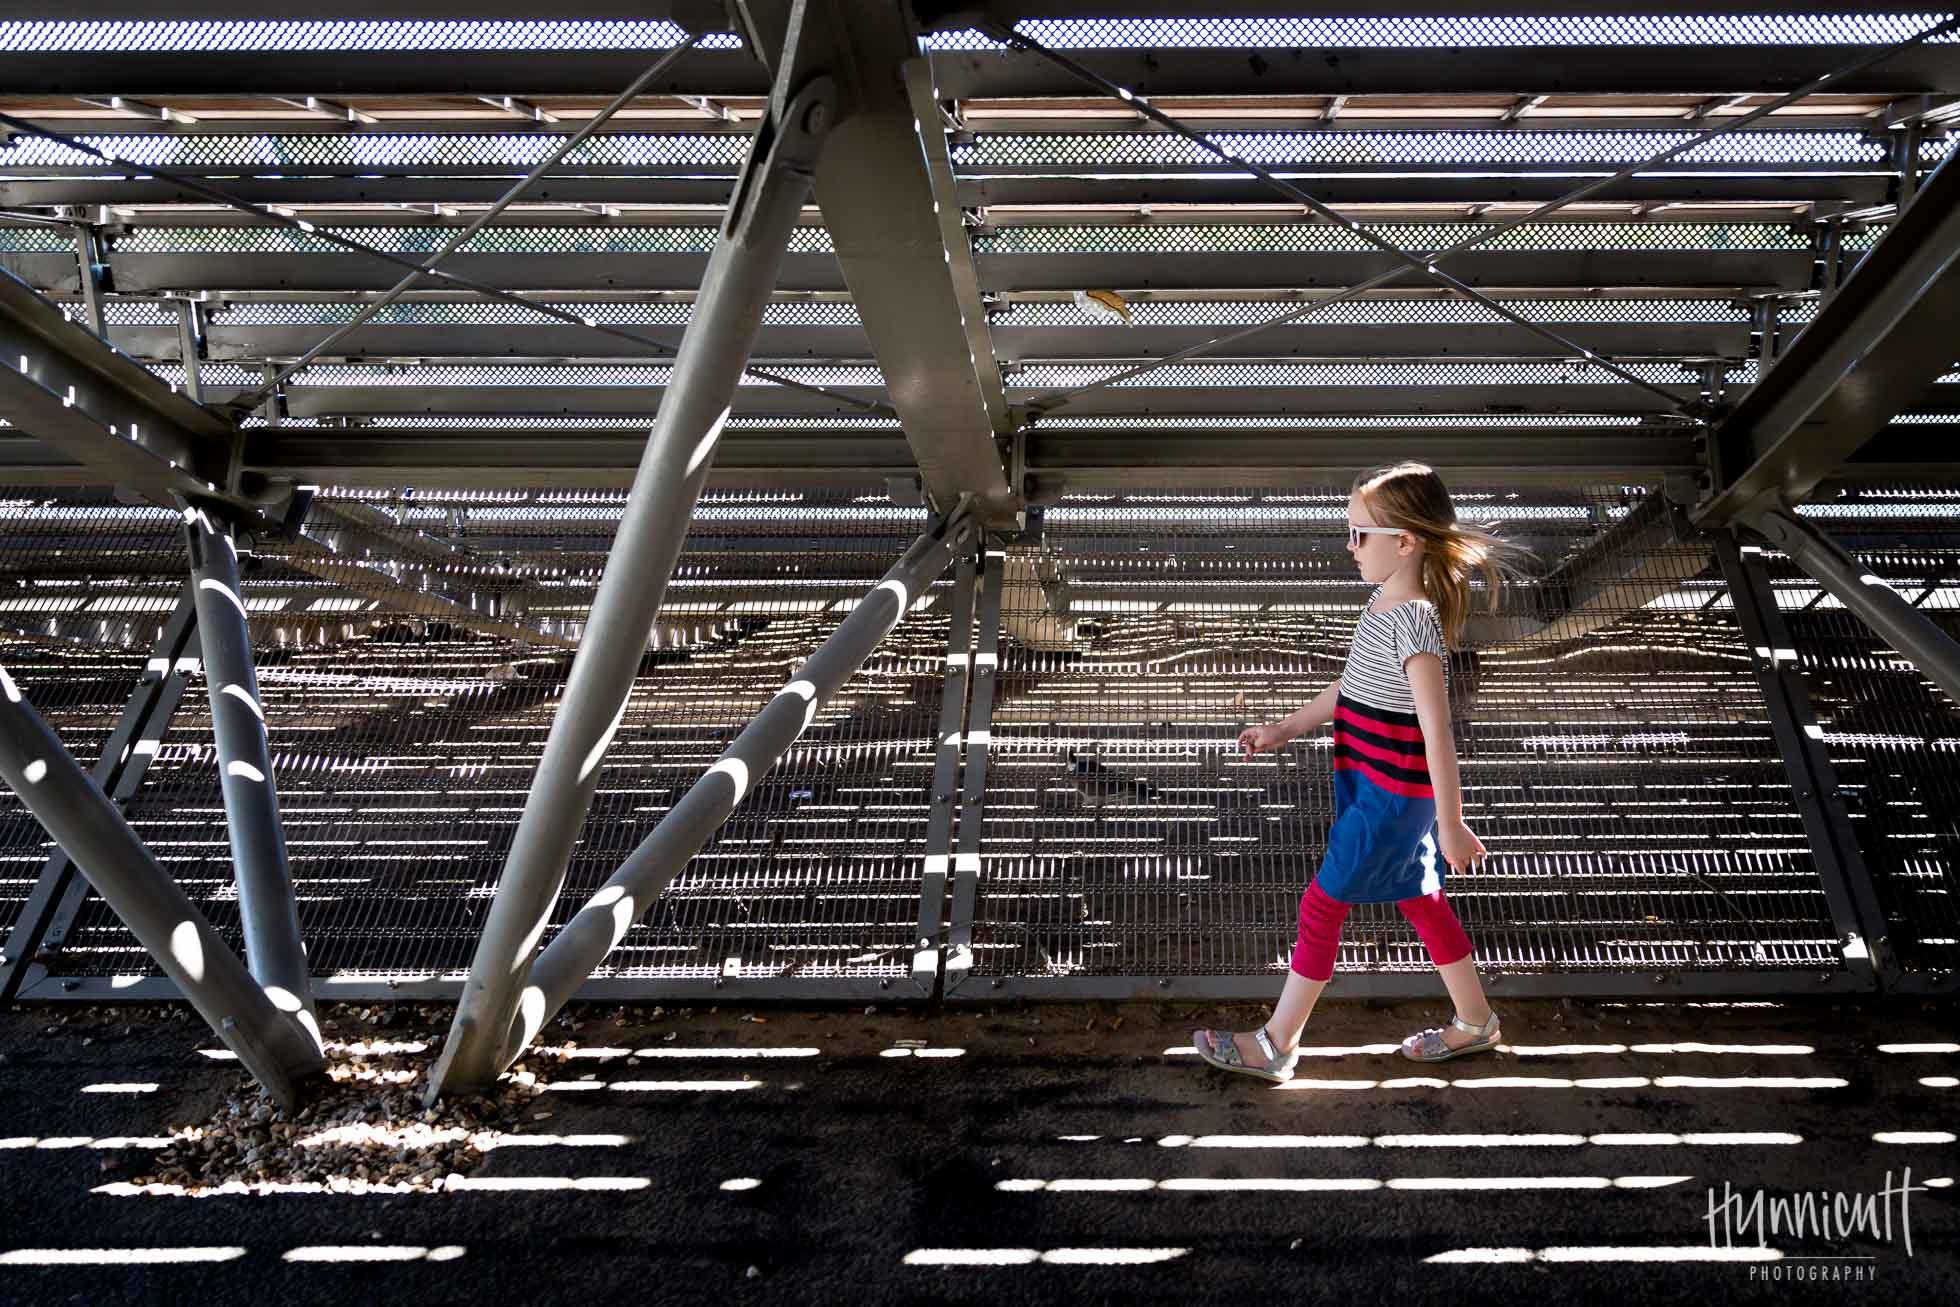 Paris-Hunnicutt-Photography-Light-Pattern